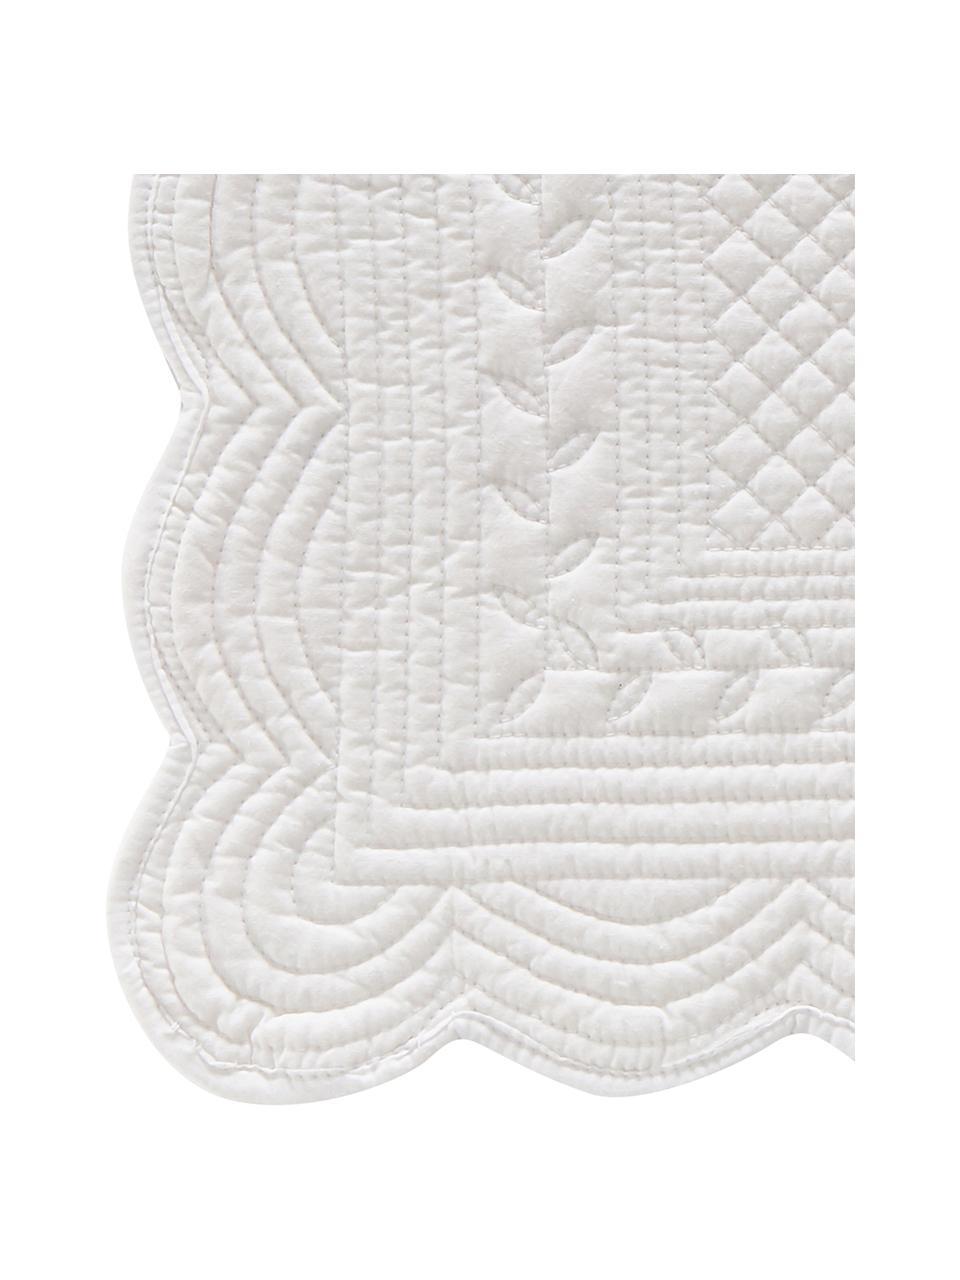 Set de table blancBoutis, 2pièces, Blanc